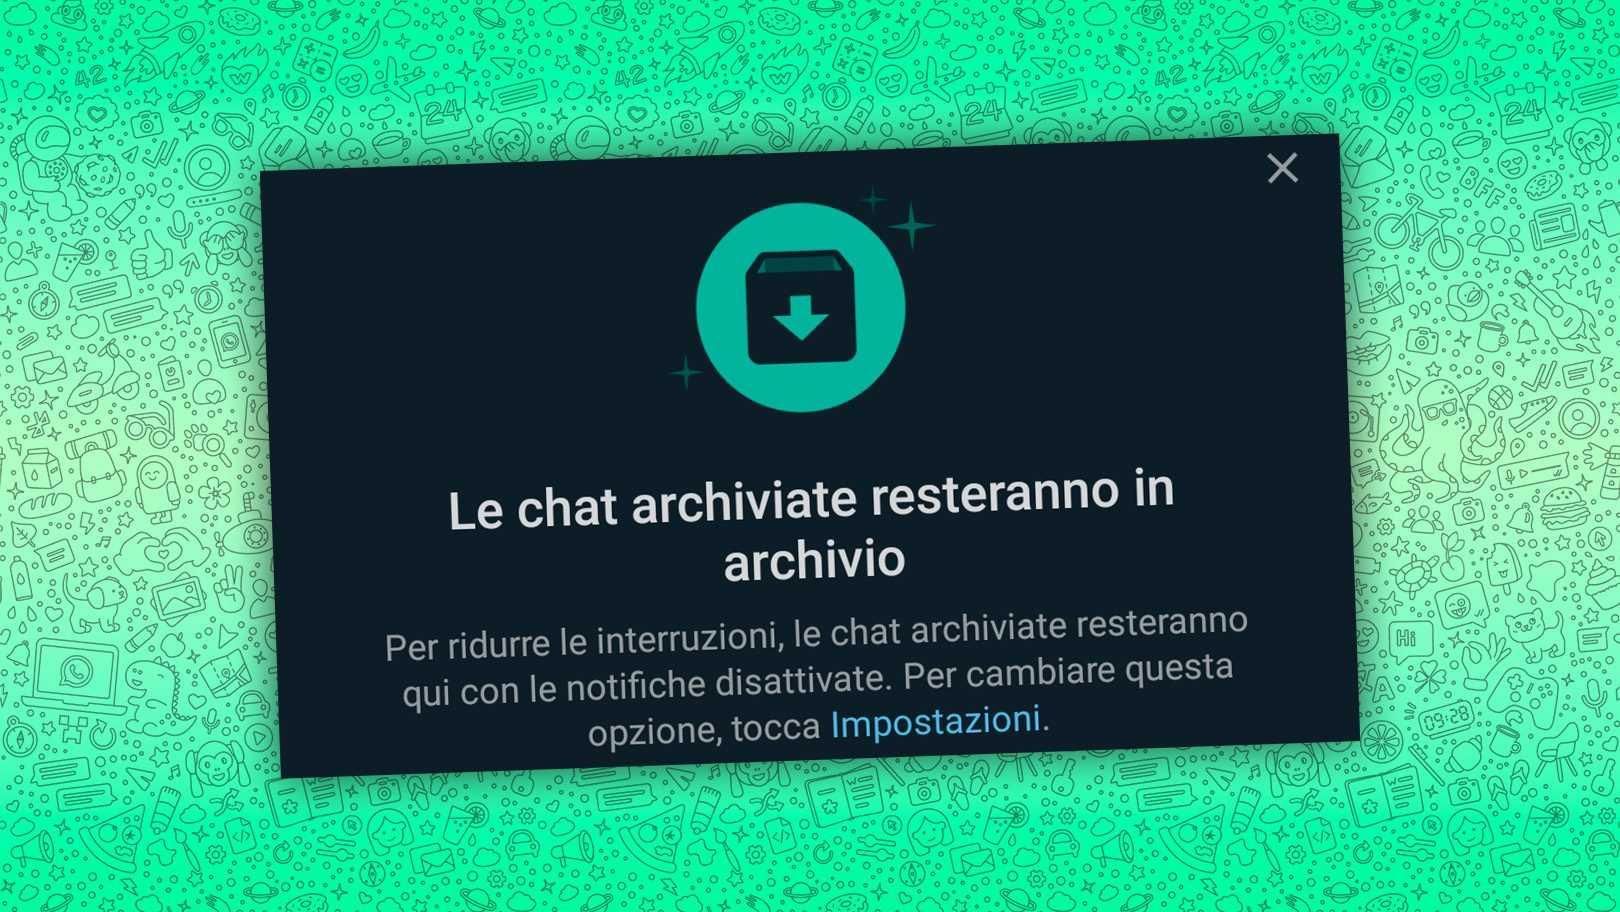 Maintenant, sur WhatsApp, vous pouvez ignorer les conversations pour toujours sans vous faire prendre